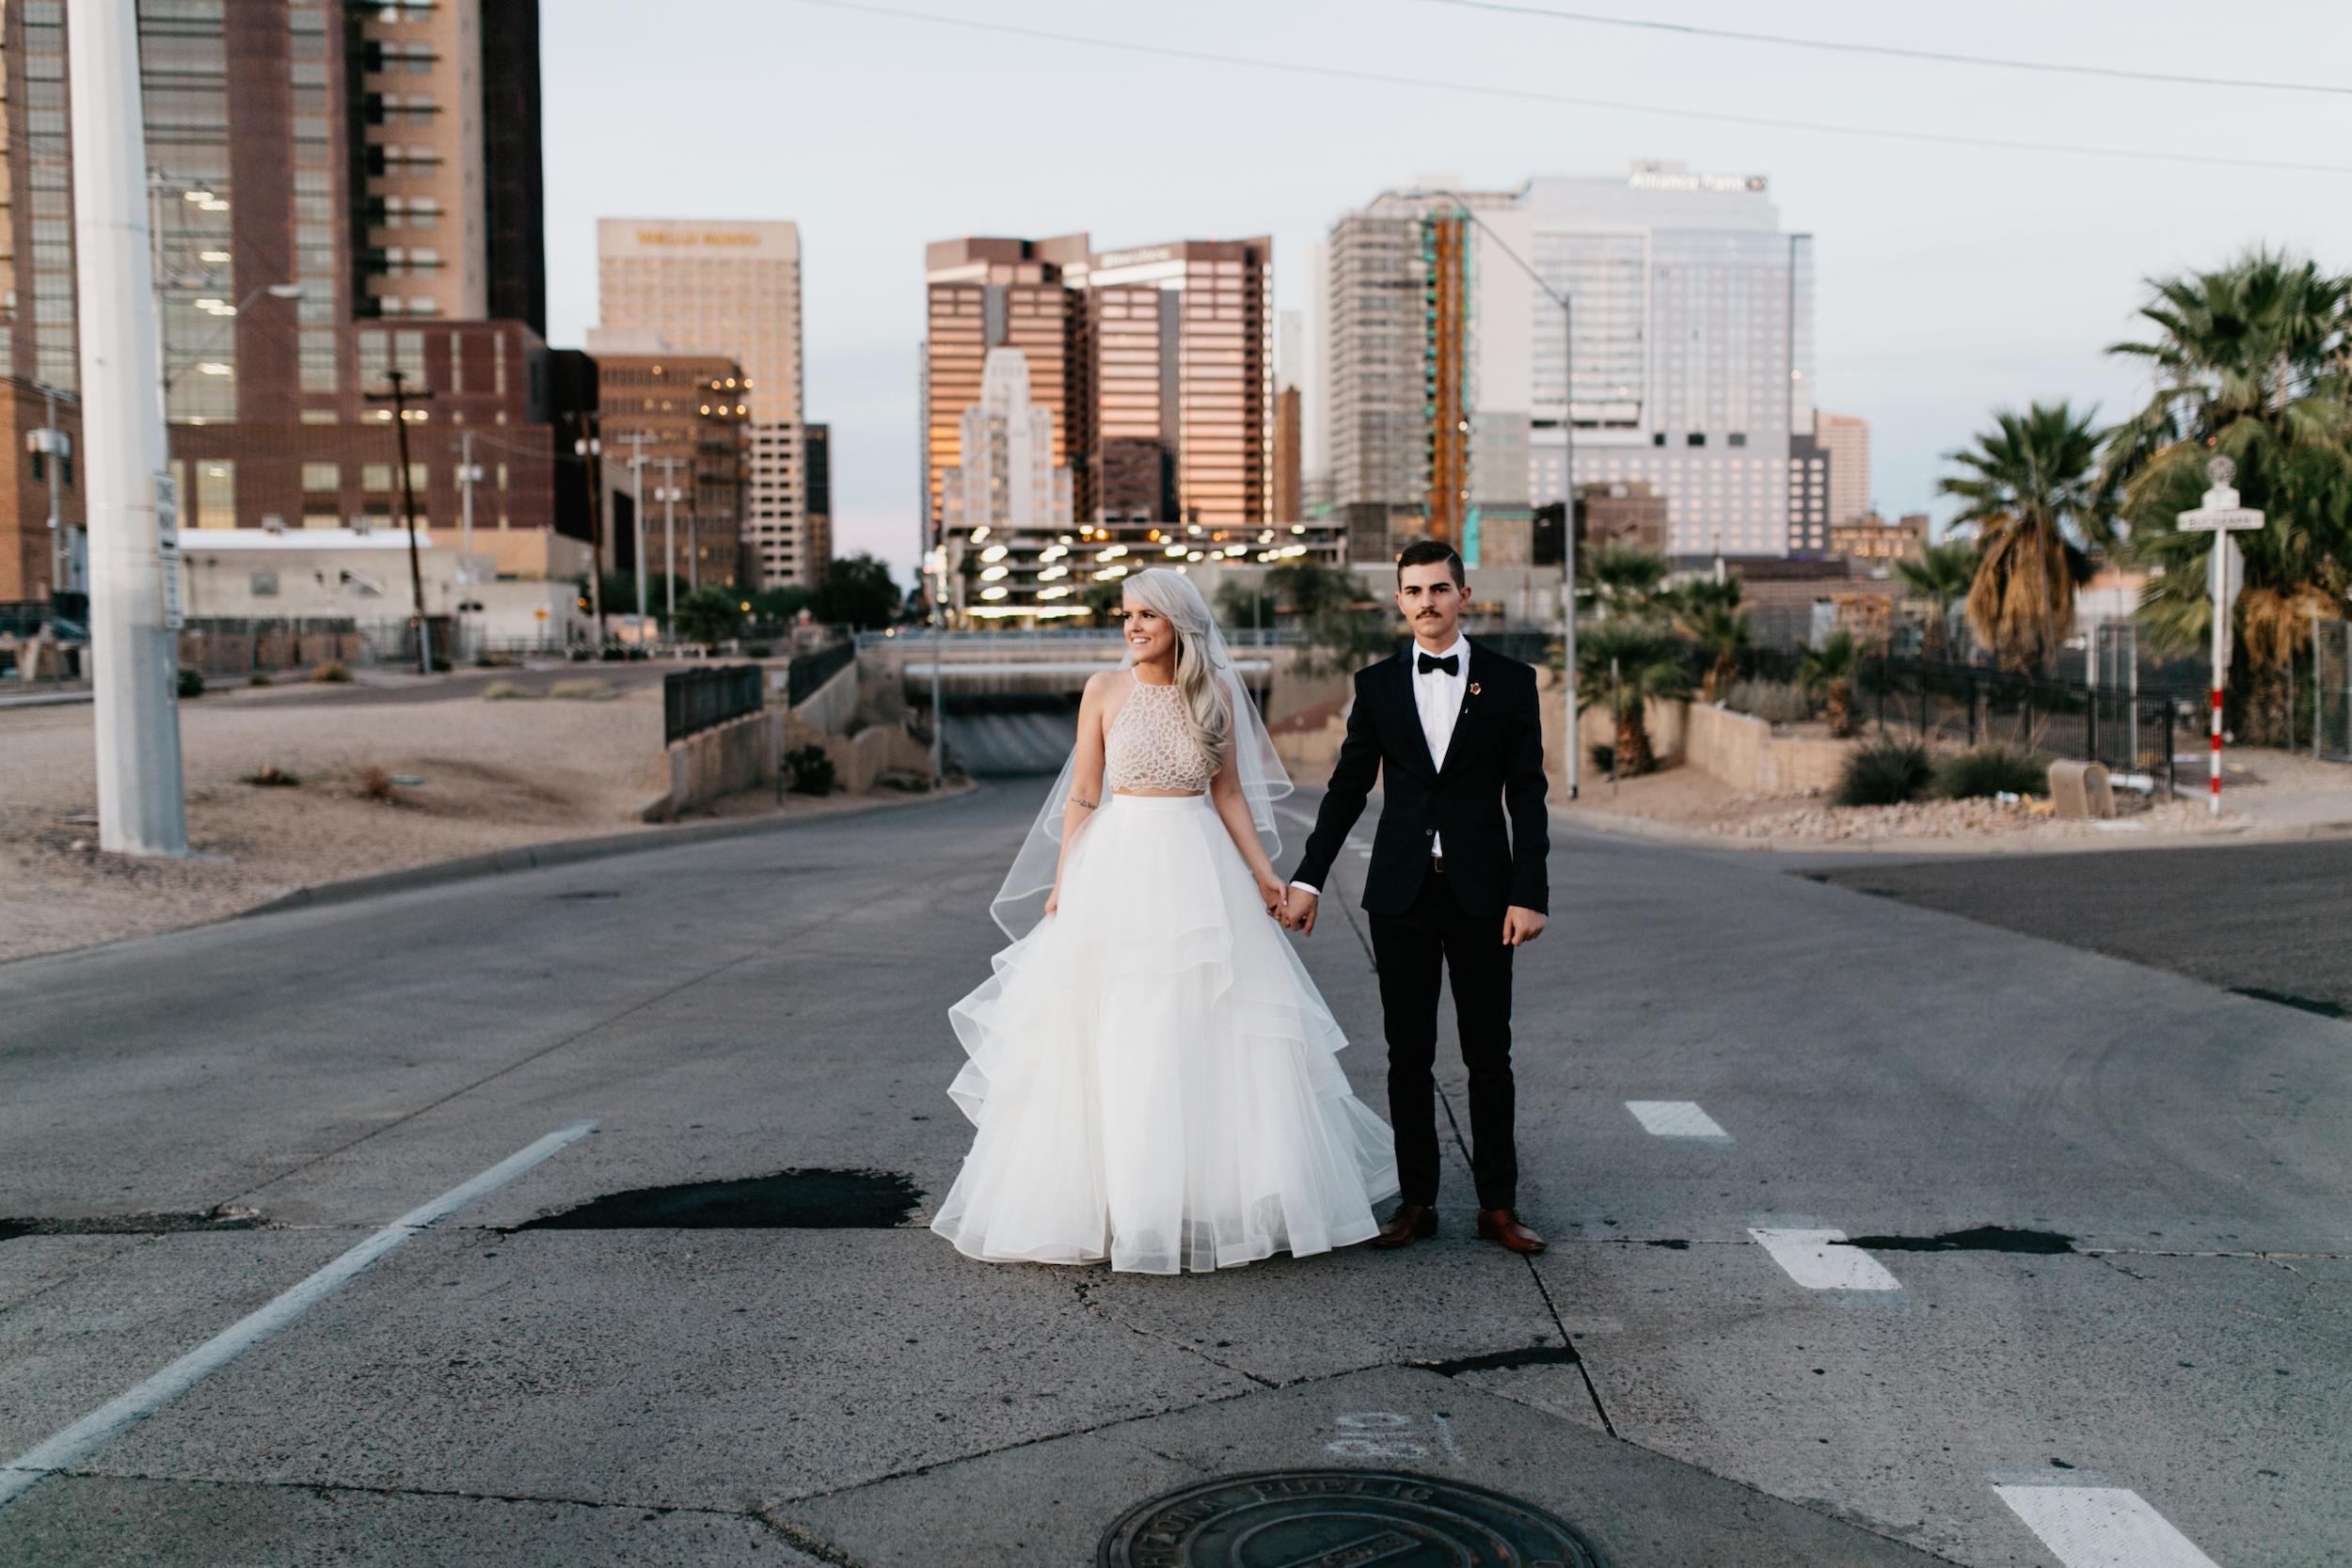 arizona - wedding - photography 01682.jpg